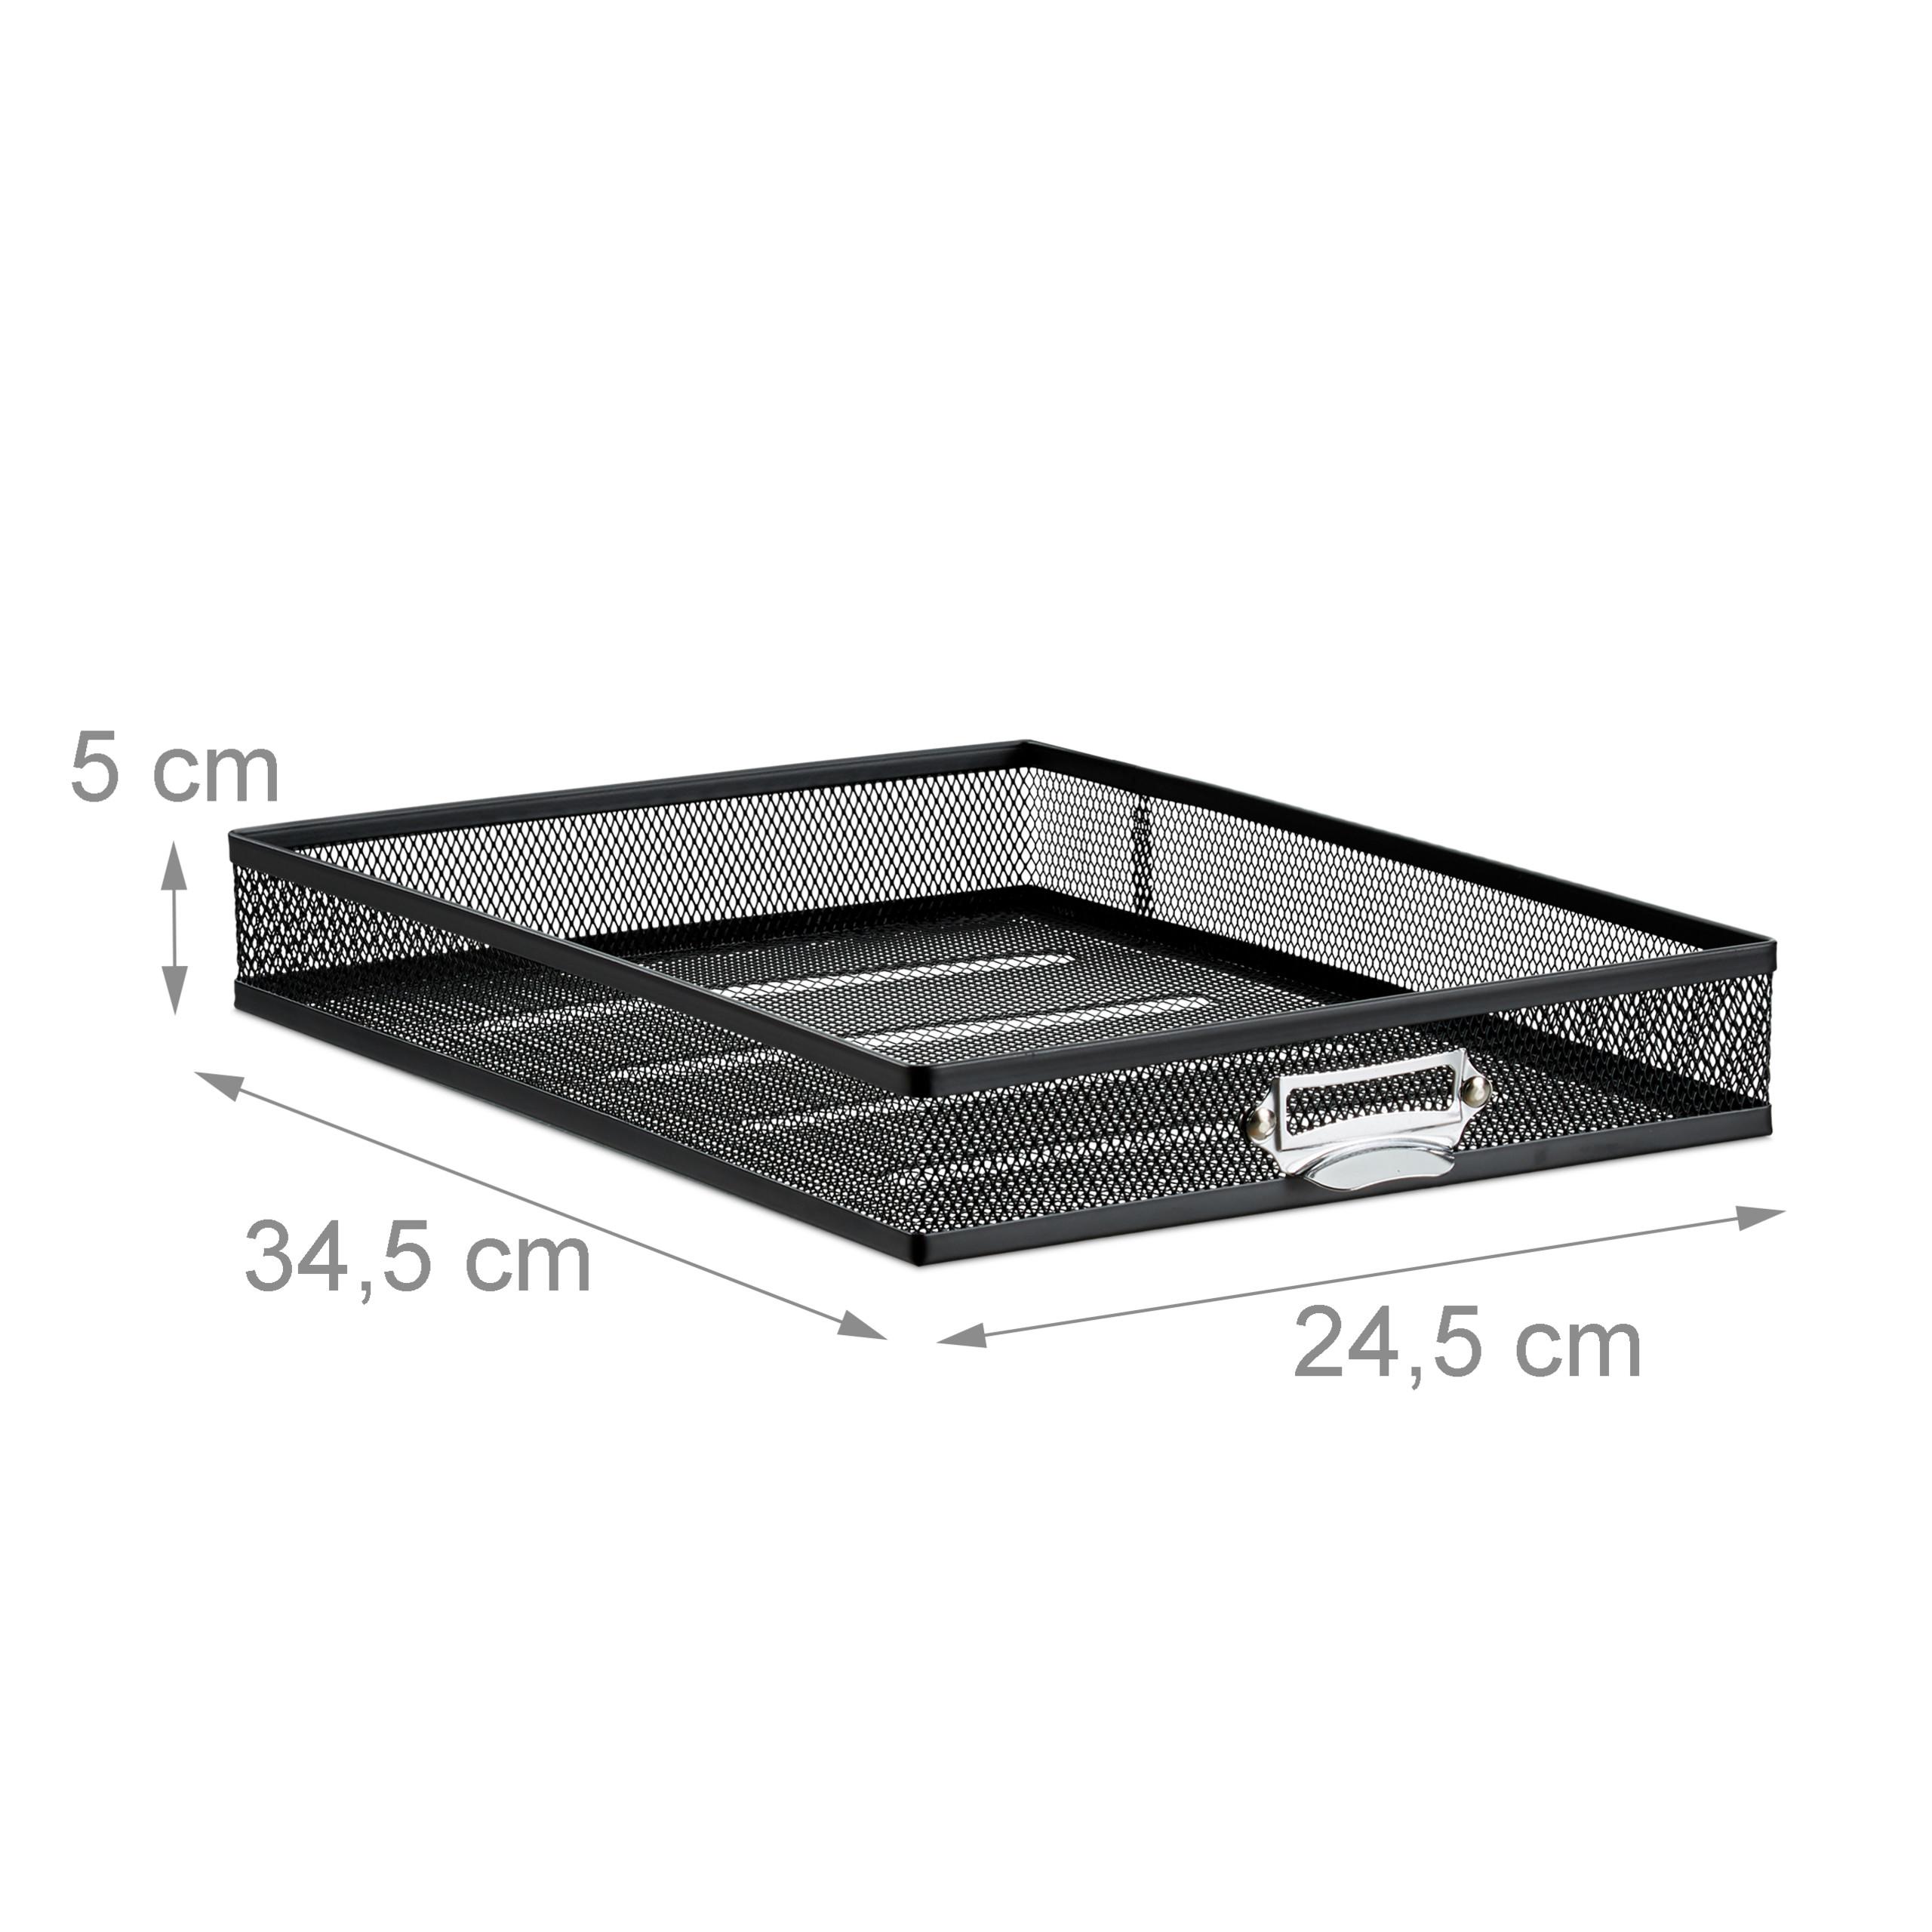 Corbeille-a-courrier-porte-documents-organiseur-porte-revues-3-tiroirs miniature 14